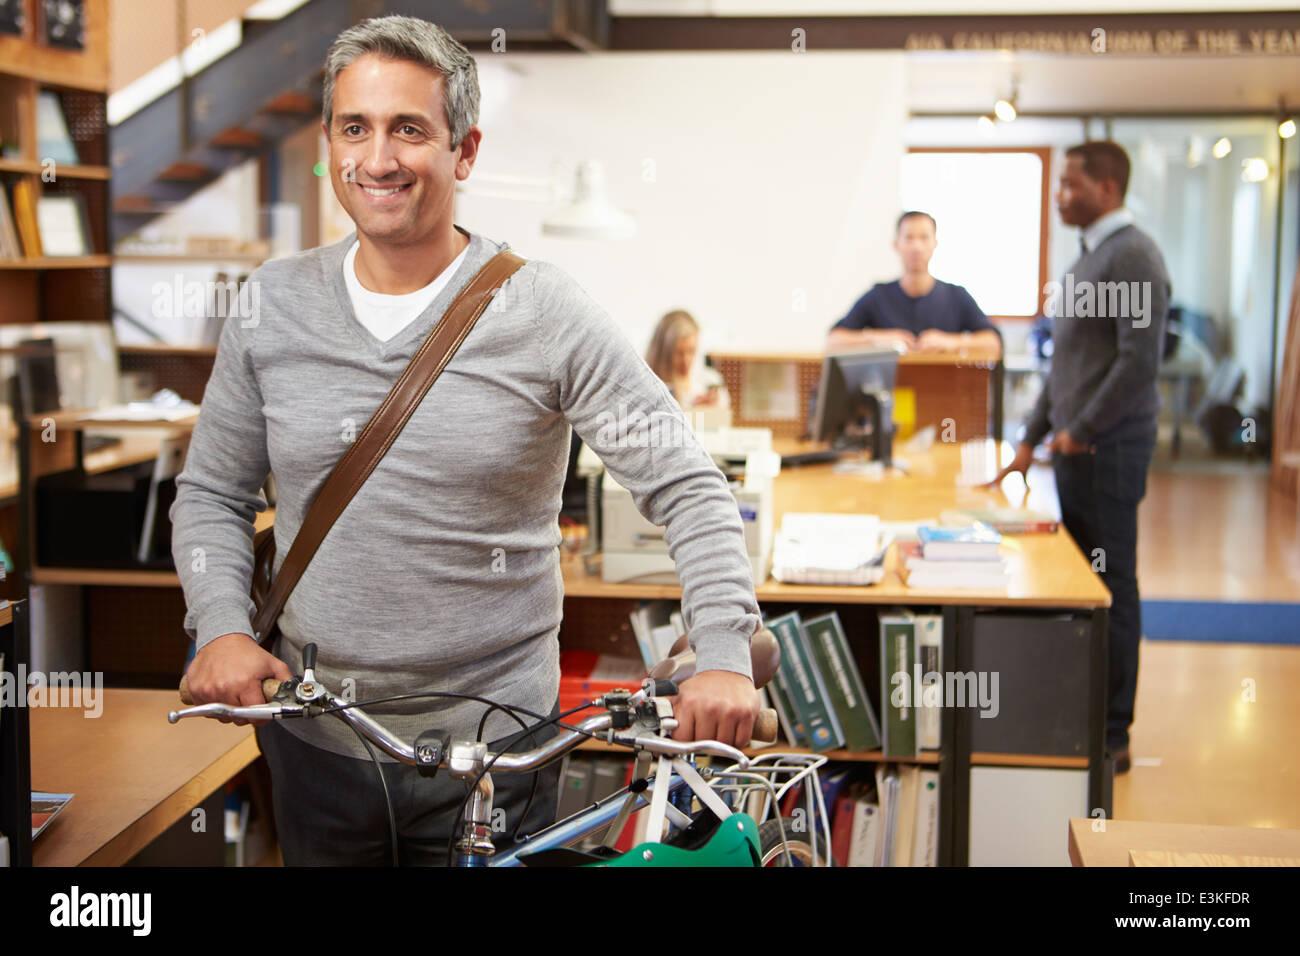 Architecte arrive au travail en vélo le poussant par l'intermédiaire de l'Office Photo Stock